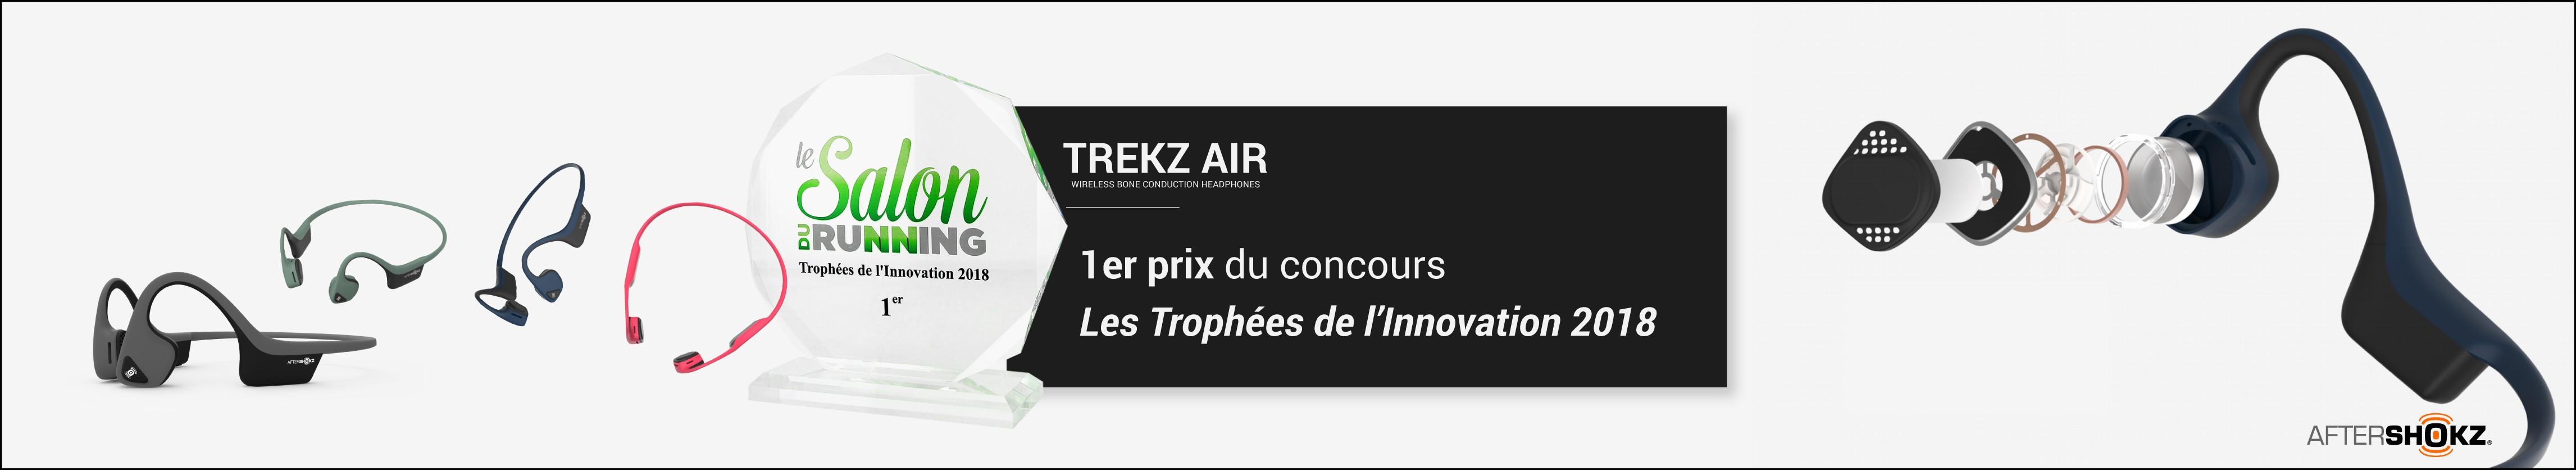 Casque audio à conduction osseuse TREKZ AIR de la marque AFTERSHOKZ obtient le 1er prix des Trophées de l'Innovation au Salon du Running 2018 ! Découvrez-le vite!